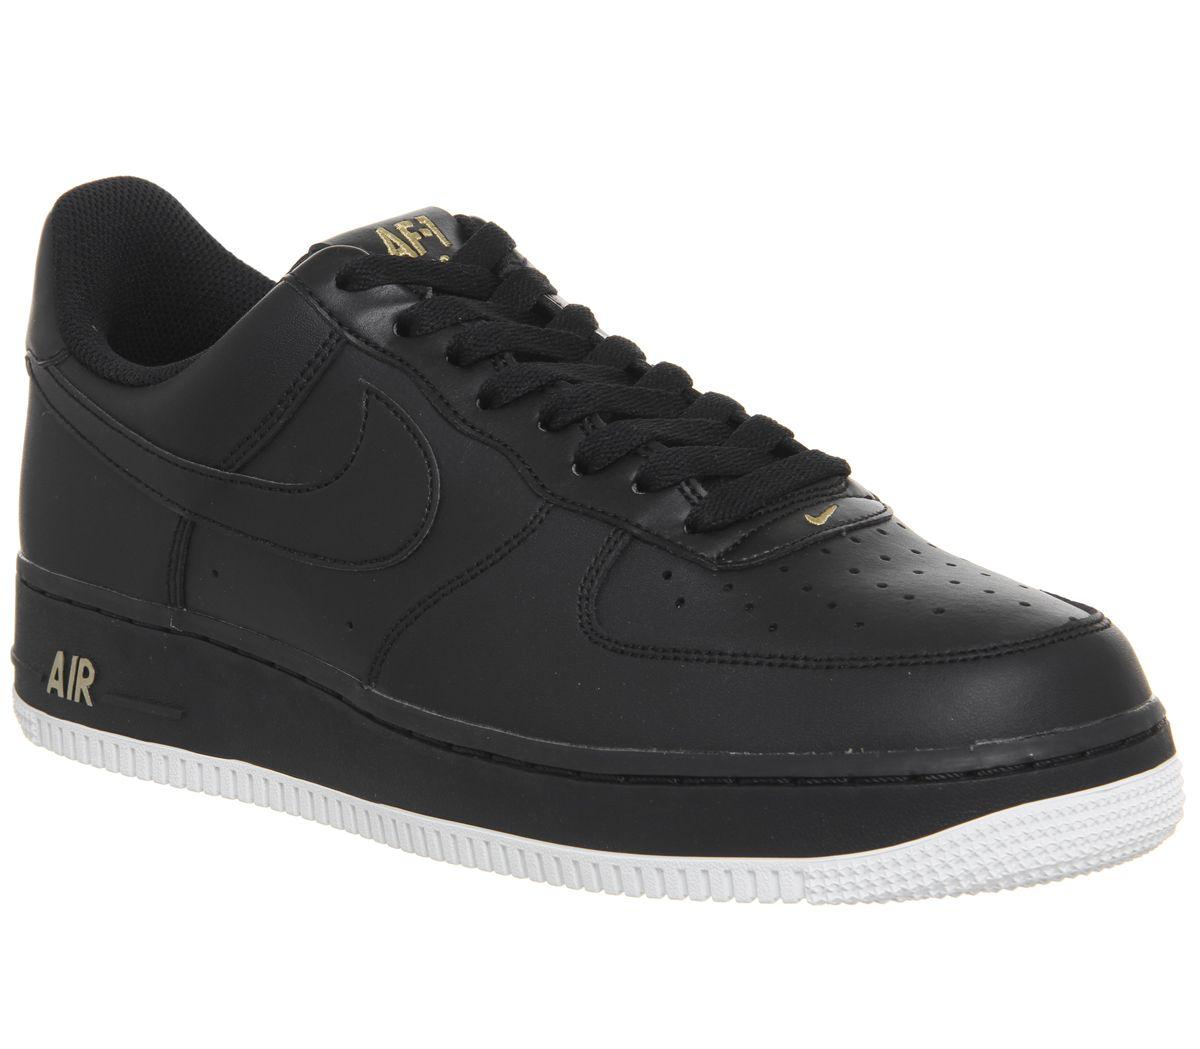 ekskluzywne buty taniej 50% zniżki Nike Nike Air Force One (m) 82 Black - His trainers